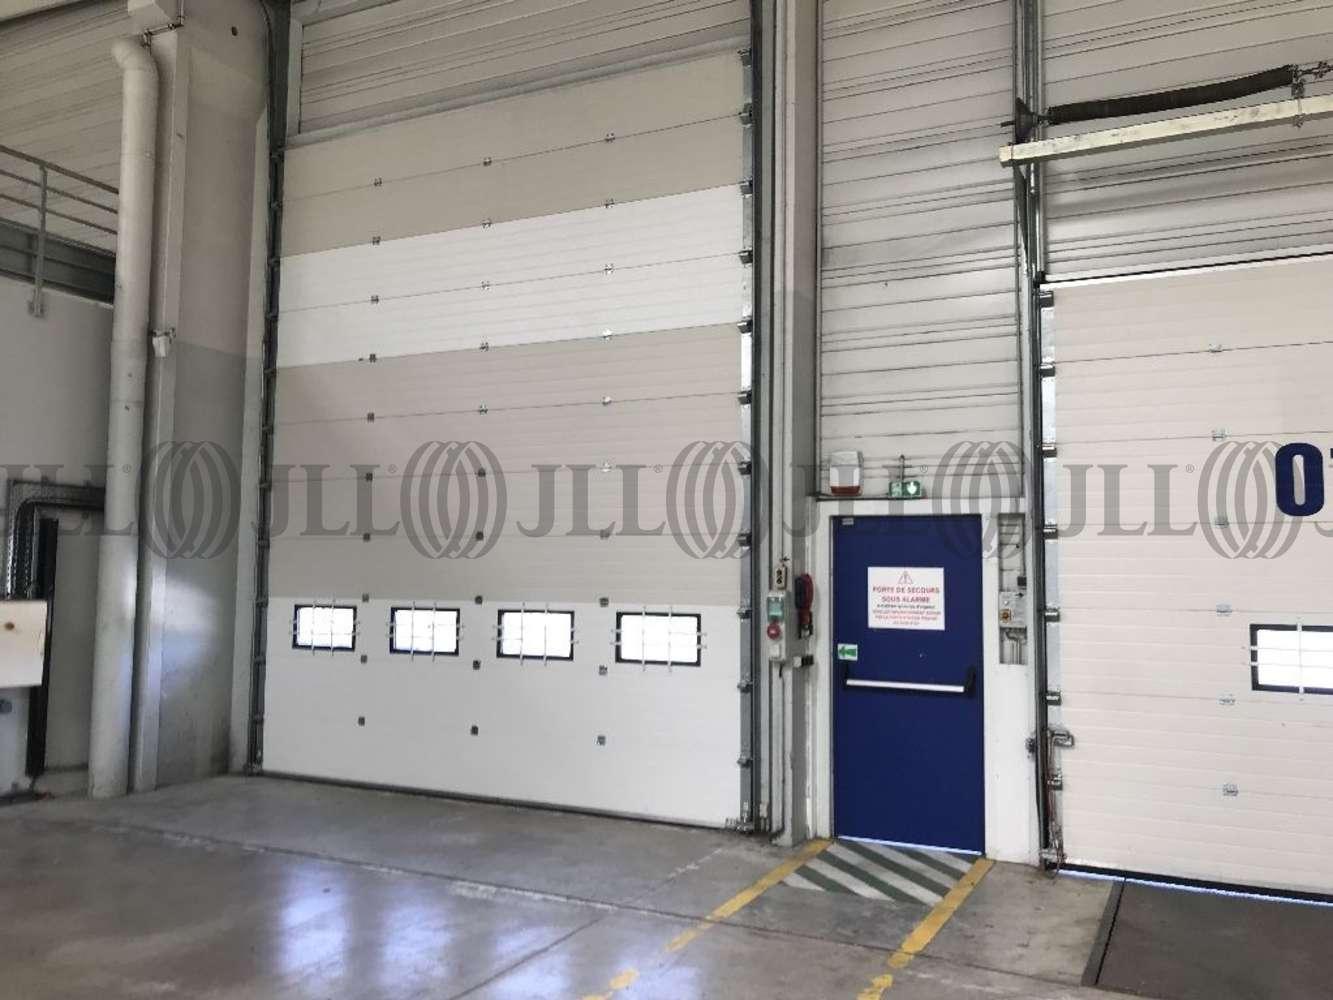 Plateformes logistiques Etupes, 25460 - LOCATION ENTREPOT SOCHAUX - DOUBS